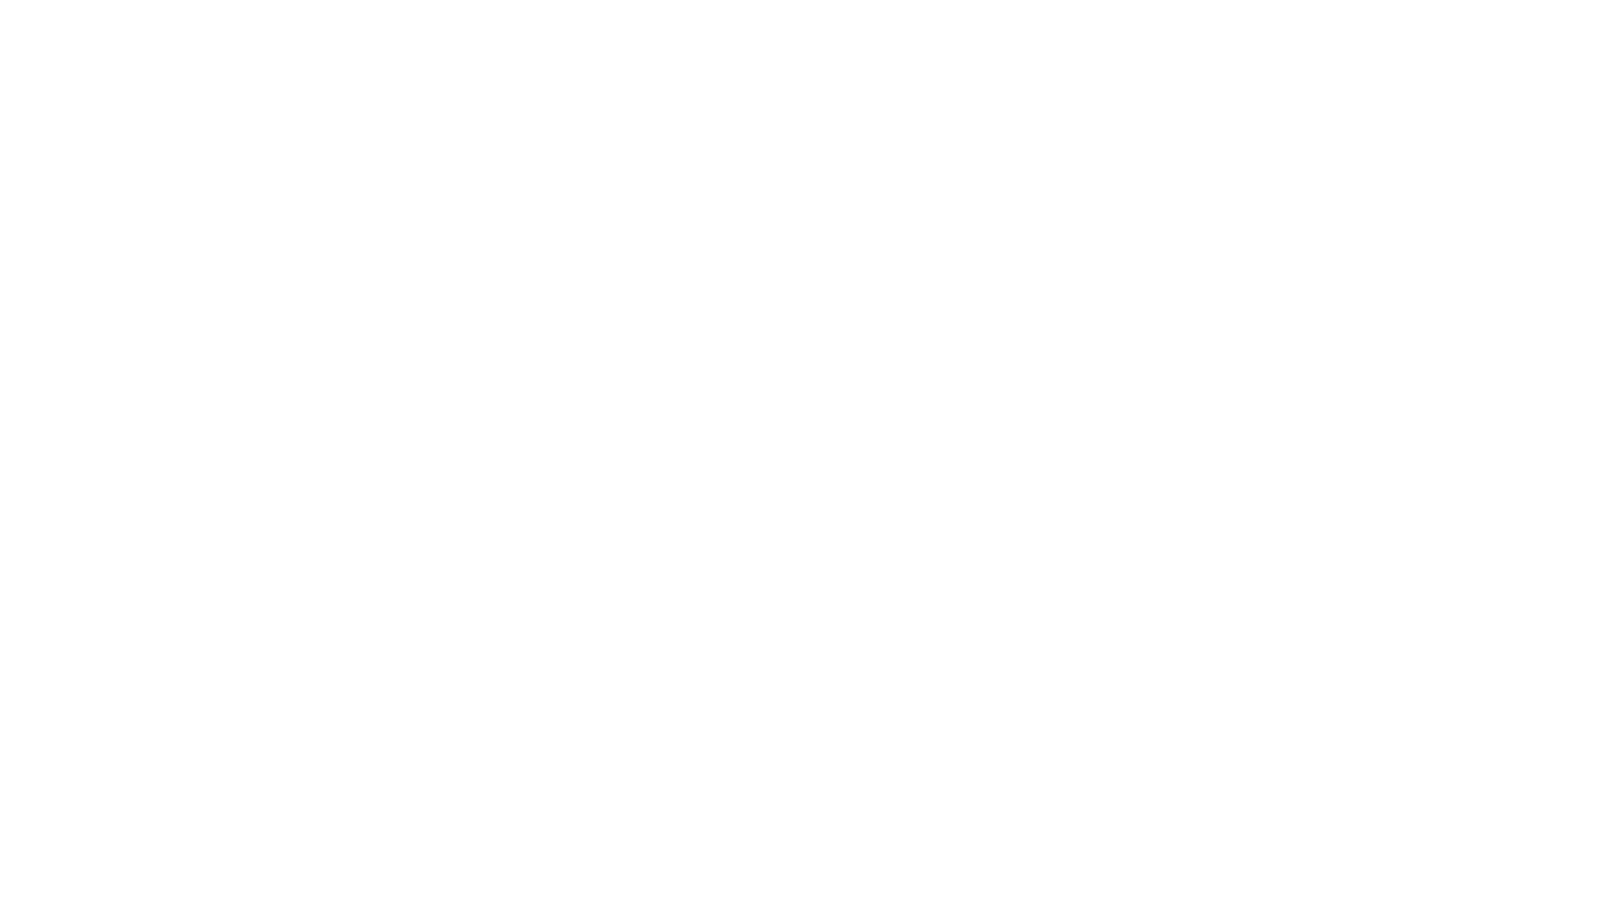 Sono iniziate oggi, 25 marzo 2021, le celebrazioni per i 1600 anni dalla fondazione della città di Venezia, che secondo la tradizione viene fatta risalire al 421, quando a Rivus Altus (Rialto) iniziò l'edificazione di una chiesa, l'attuale San Giacometto. Un anniversario che verrà rievocato per un anno intero, grazie al comitato #Venezia1600, con il coinvolgimento di tutte le città italiane o straniere che nei prossimi mesi vorranno ricordare con mostre, convegni, manifestazioni il loro rapporto con Venezia. Video realizzato dalla Città di Venezia.